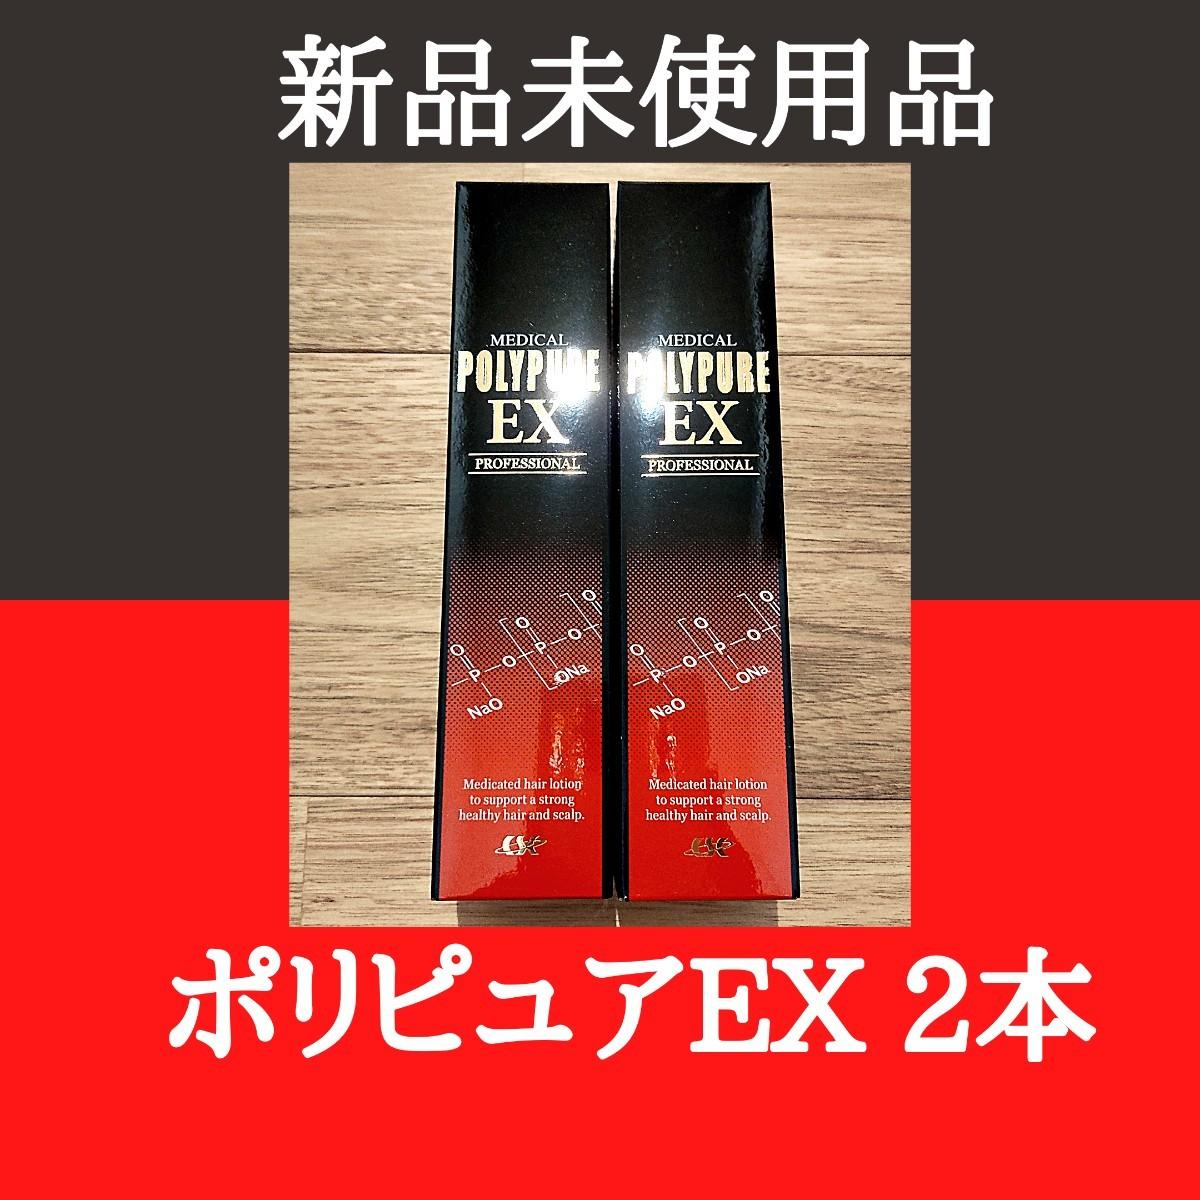 薬用 ポリピュアEX 2本  育毛剤